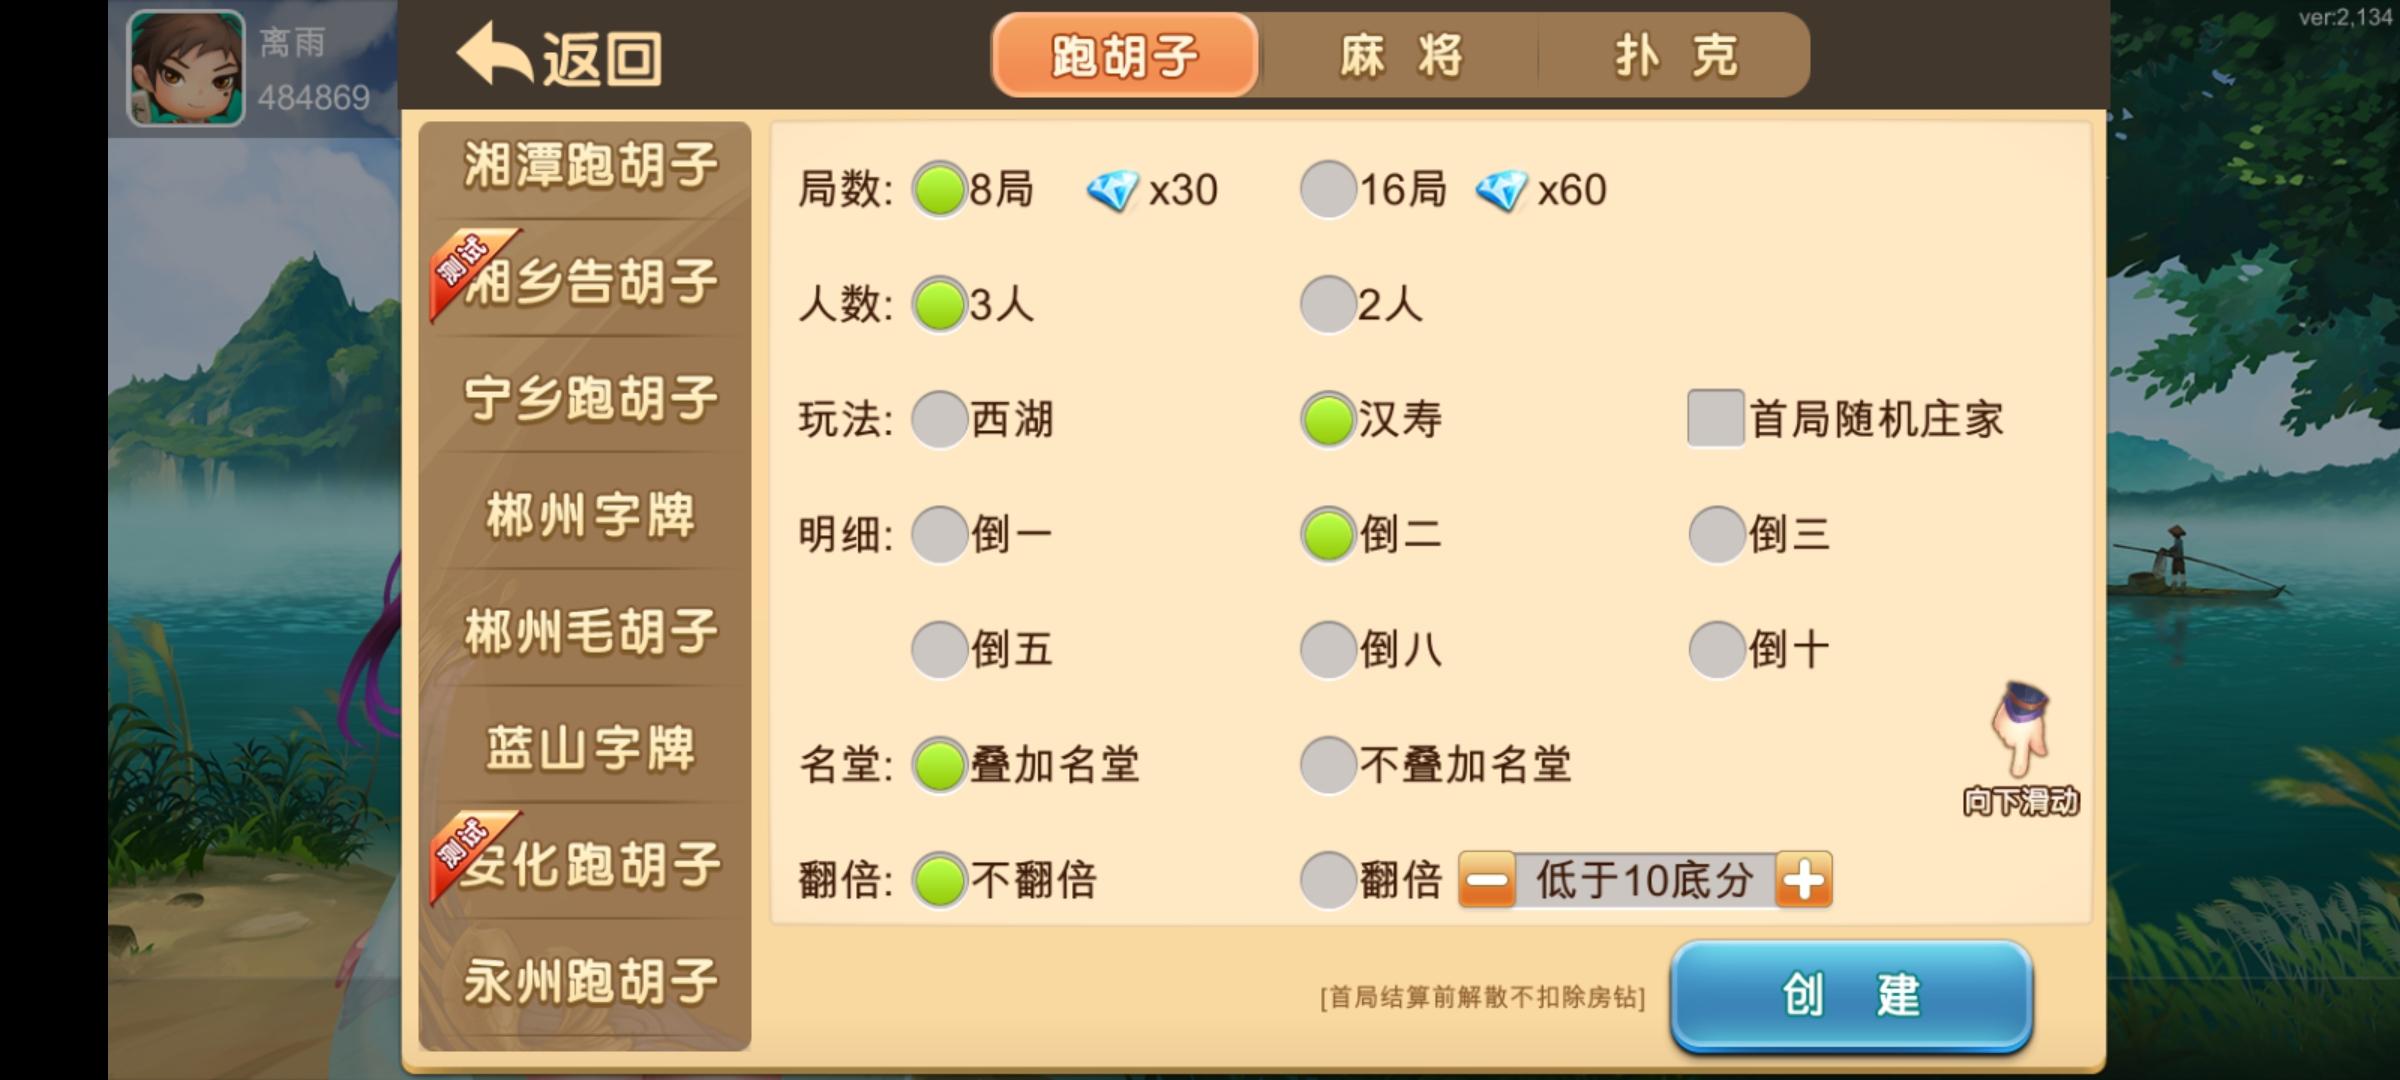 闲玩湖南玩法插图(2)